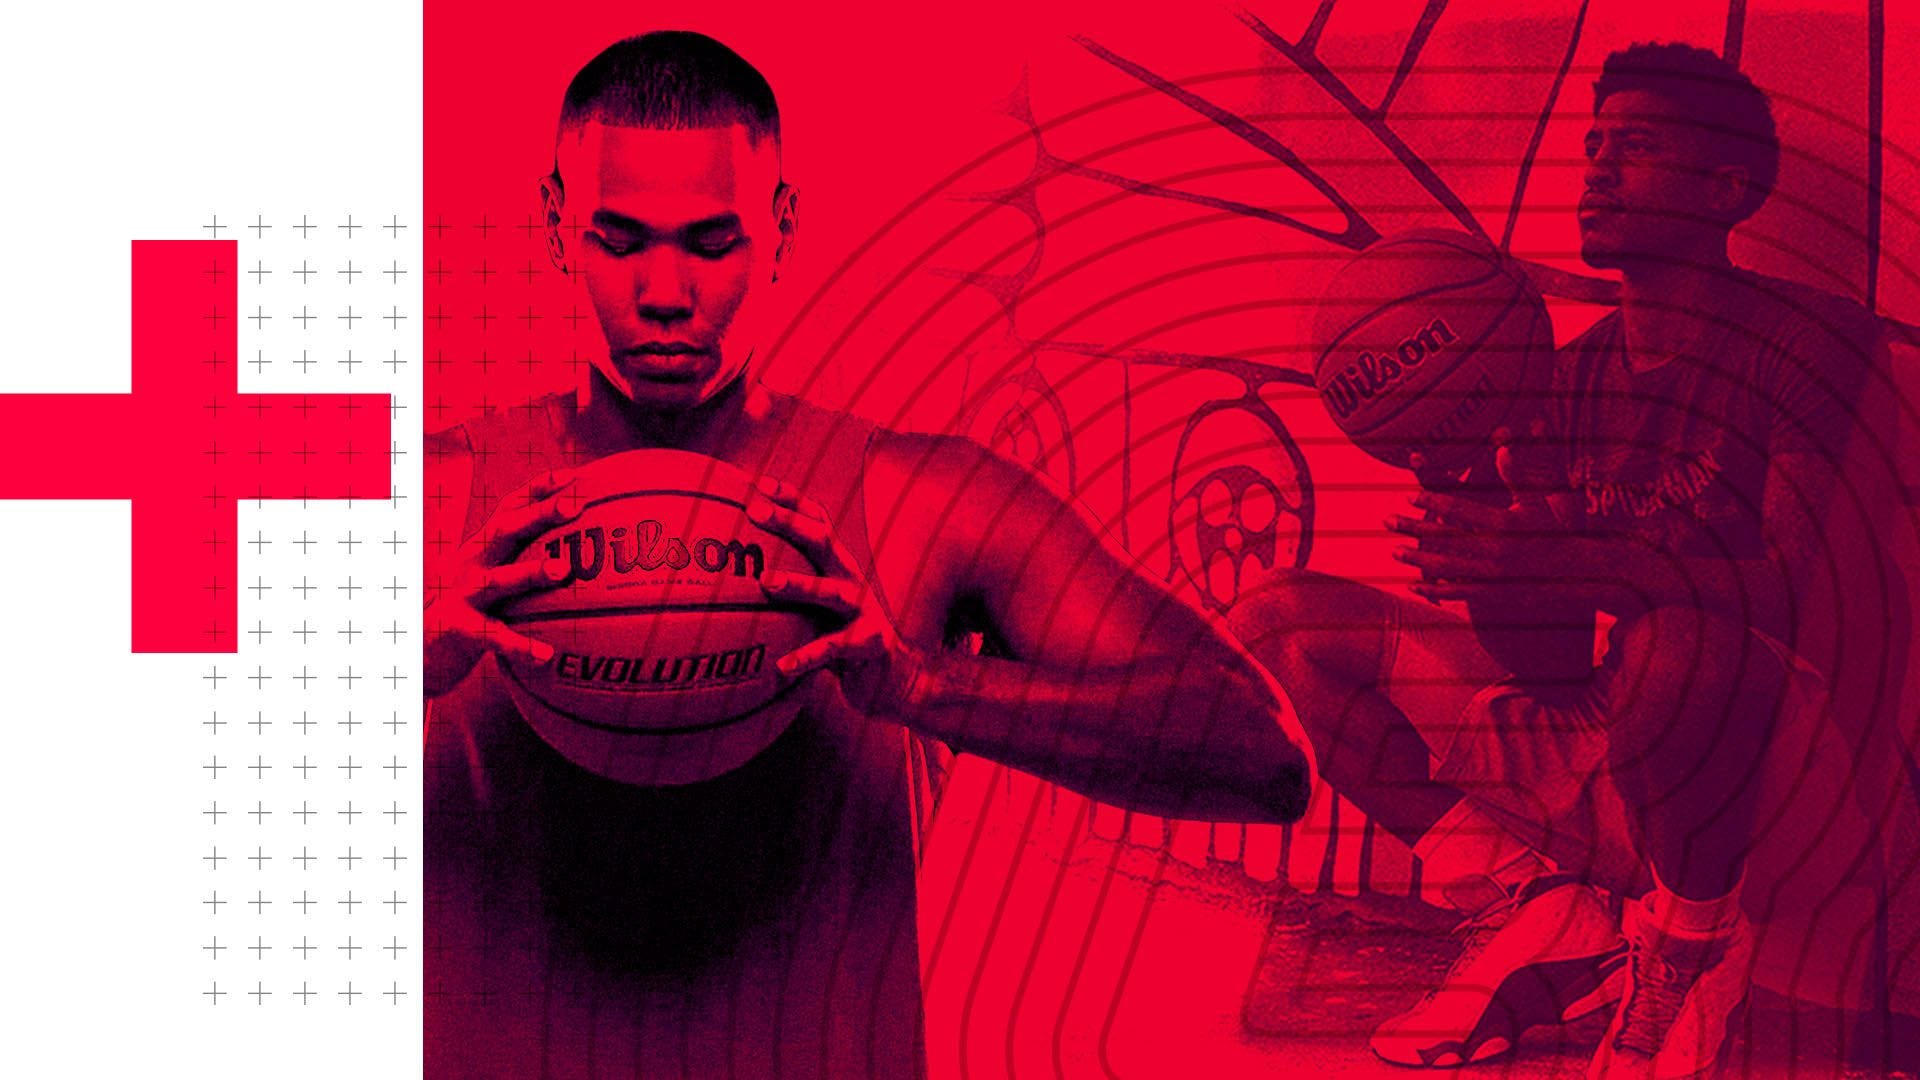 Basketball Players holding the Evolution Ball